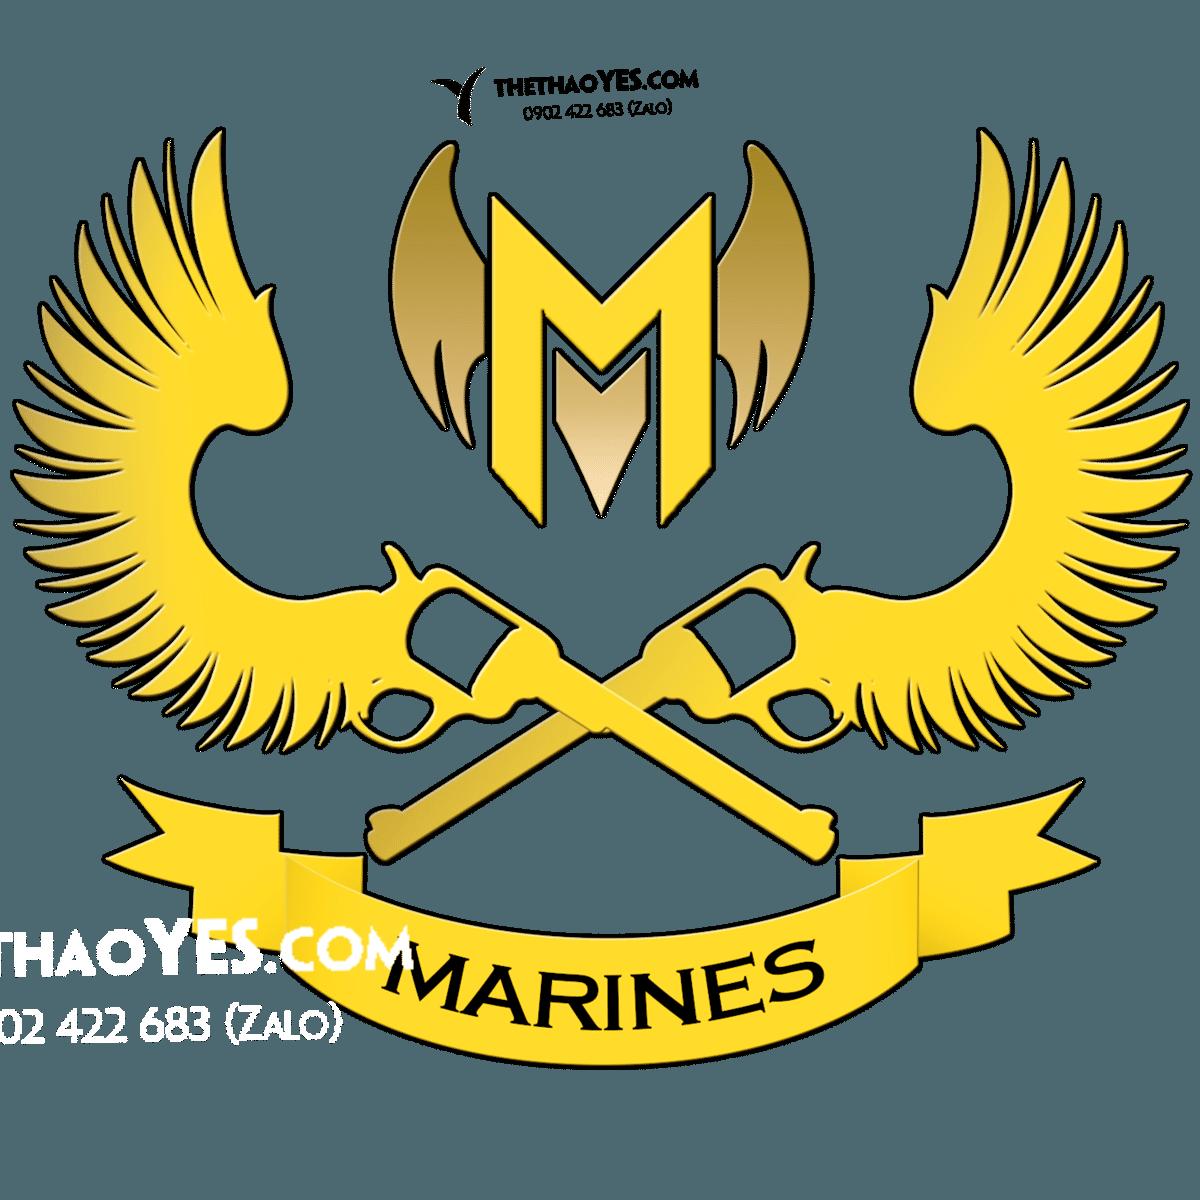 logo của các đội tuyển lớn liên minh huyền thoại